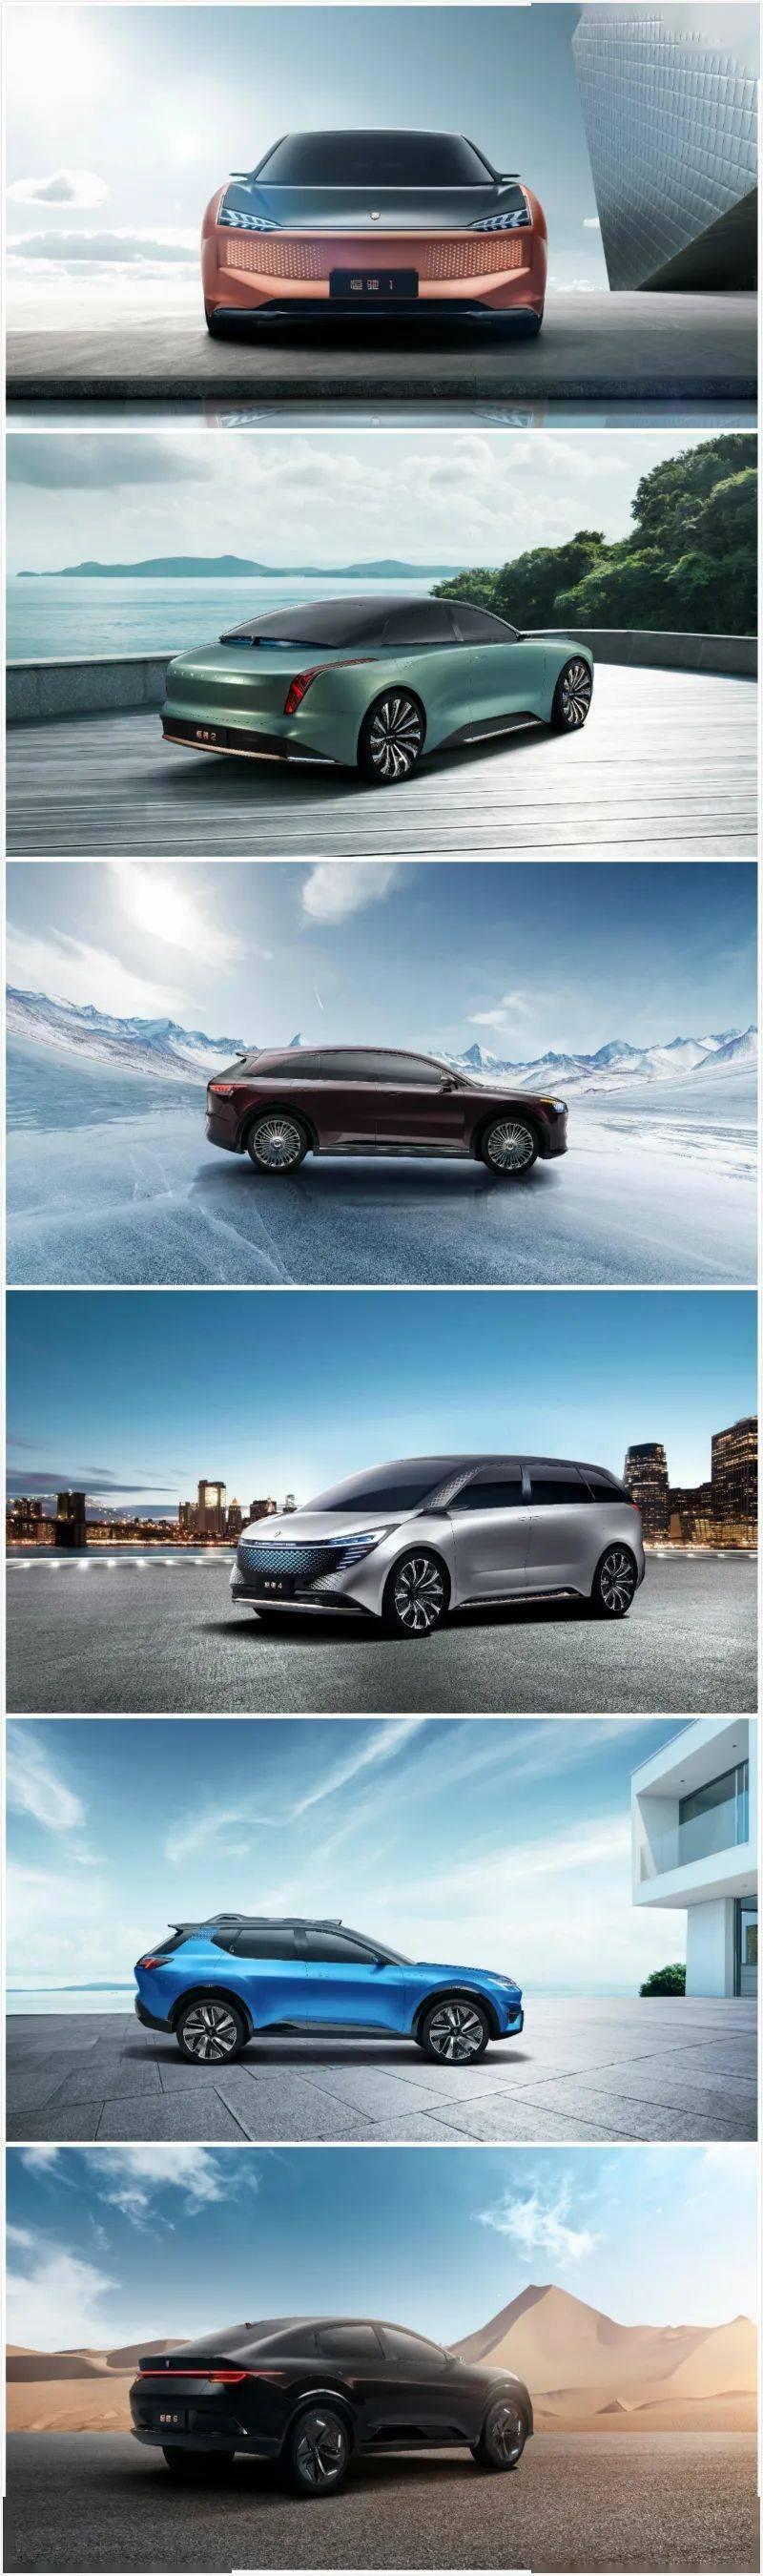 恒大新能源车来了!6款车型首发,许家印现身!恒大健康又嗨了,6月中旬以来股价大涨近5倍